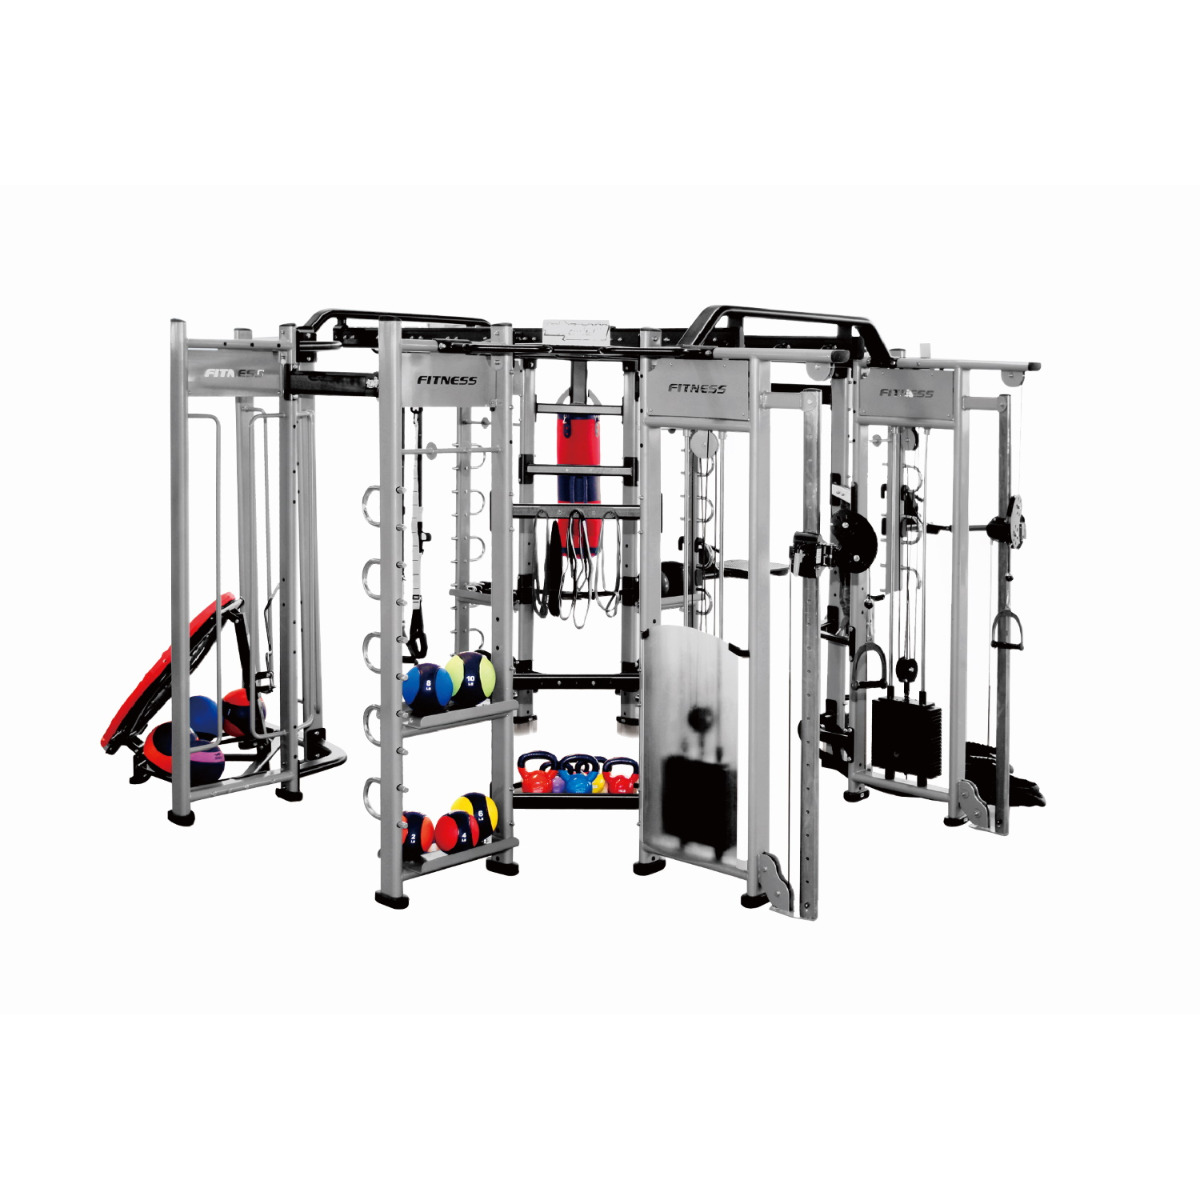 Gym Gear Spartan Functional Rig